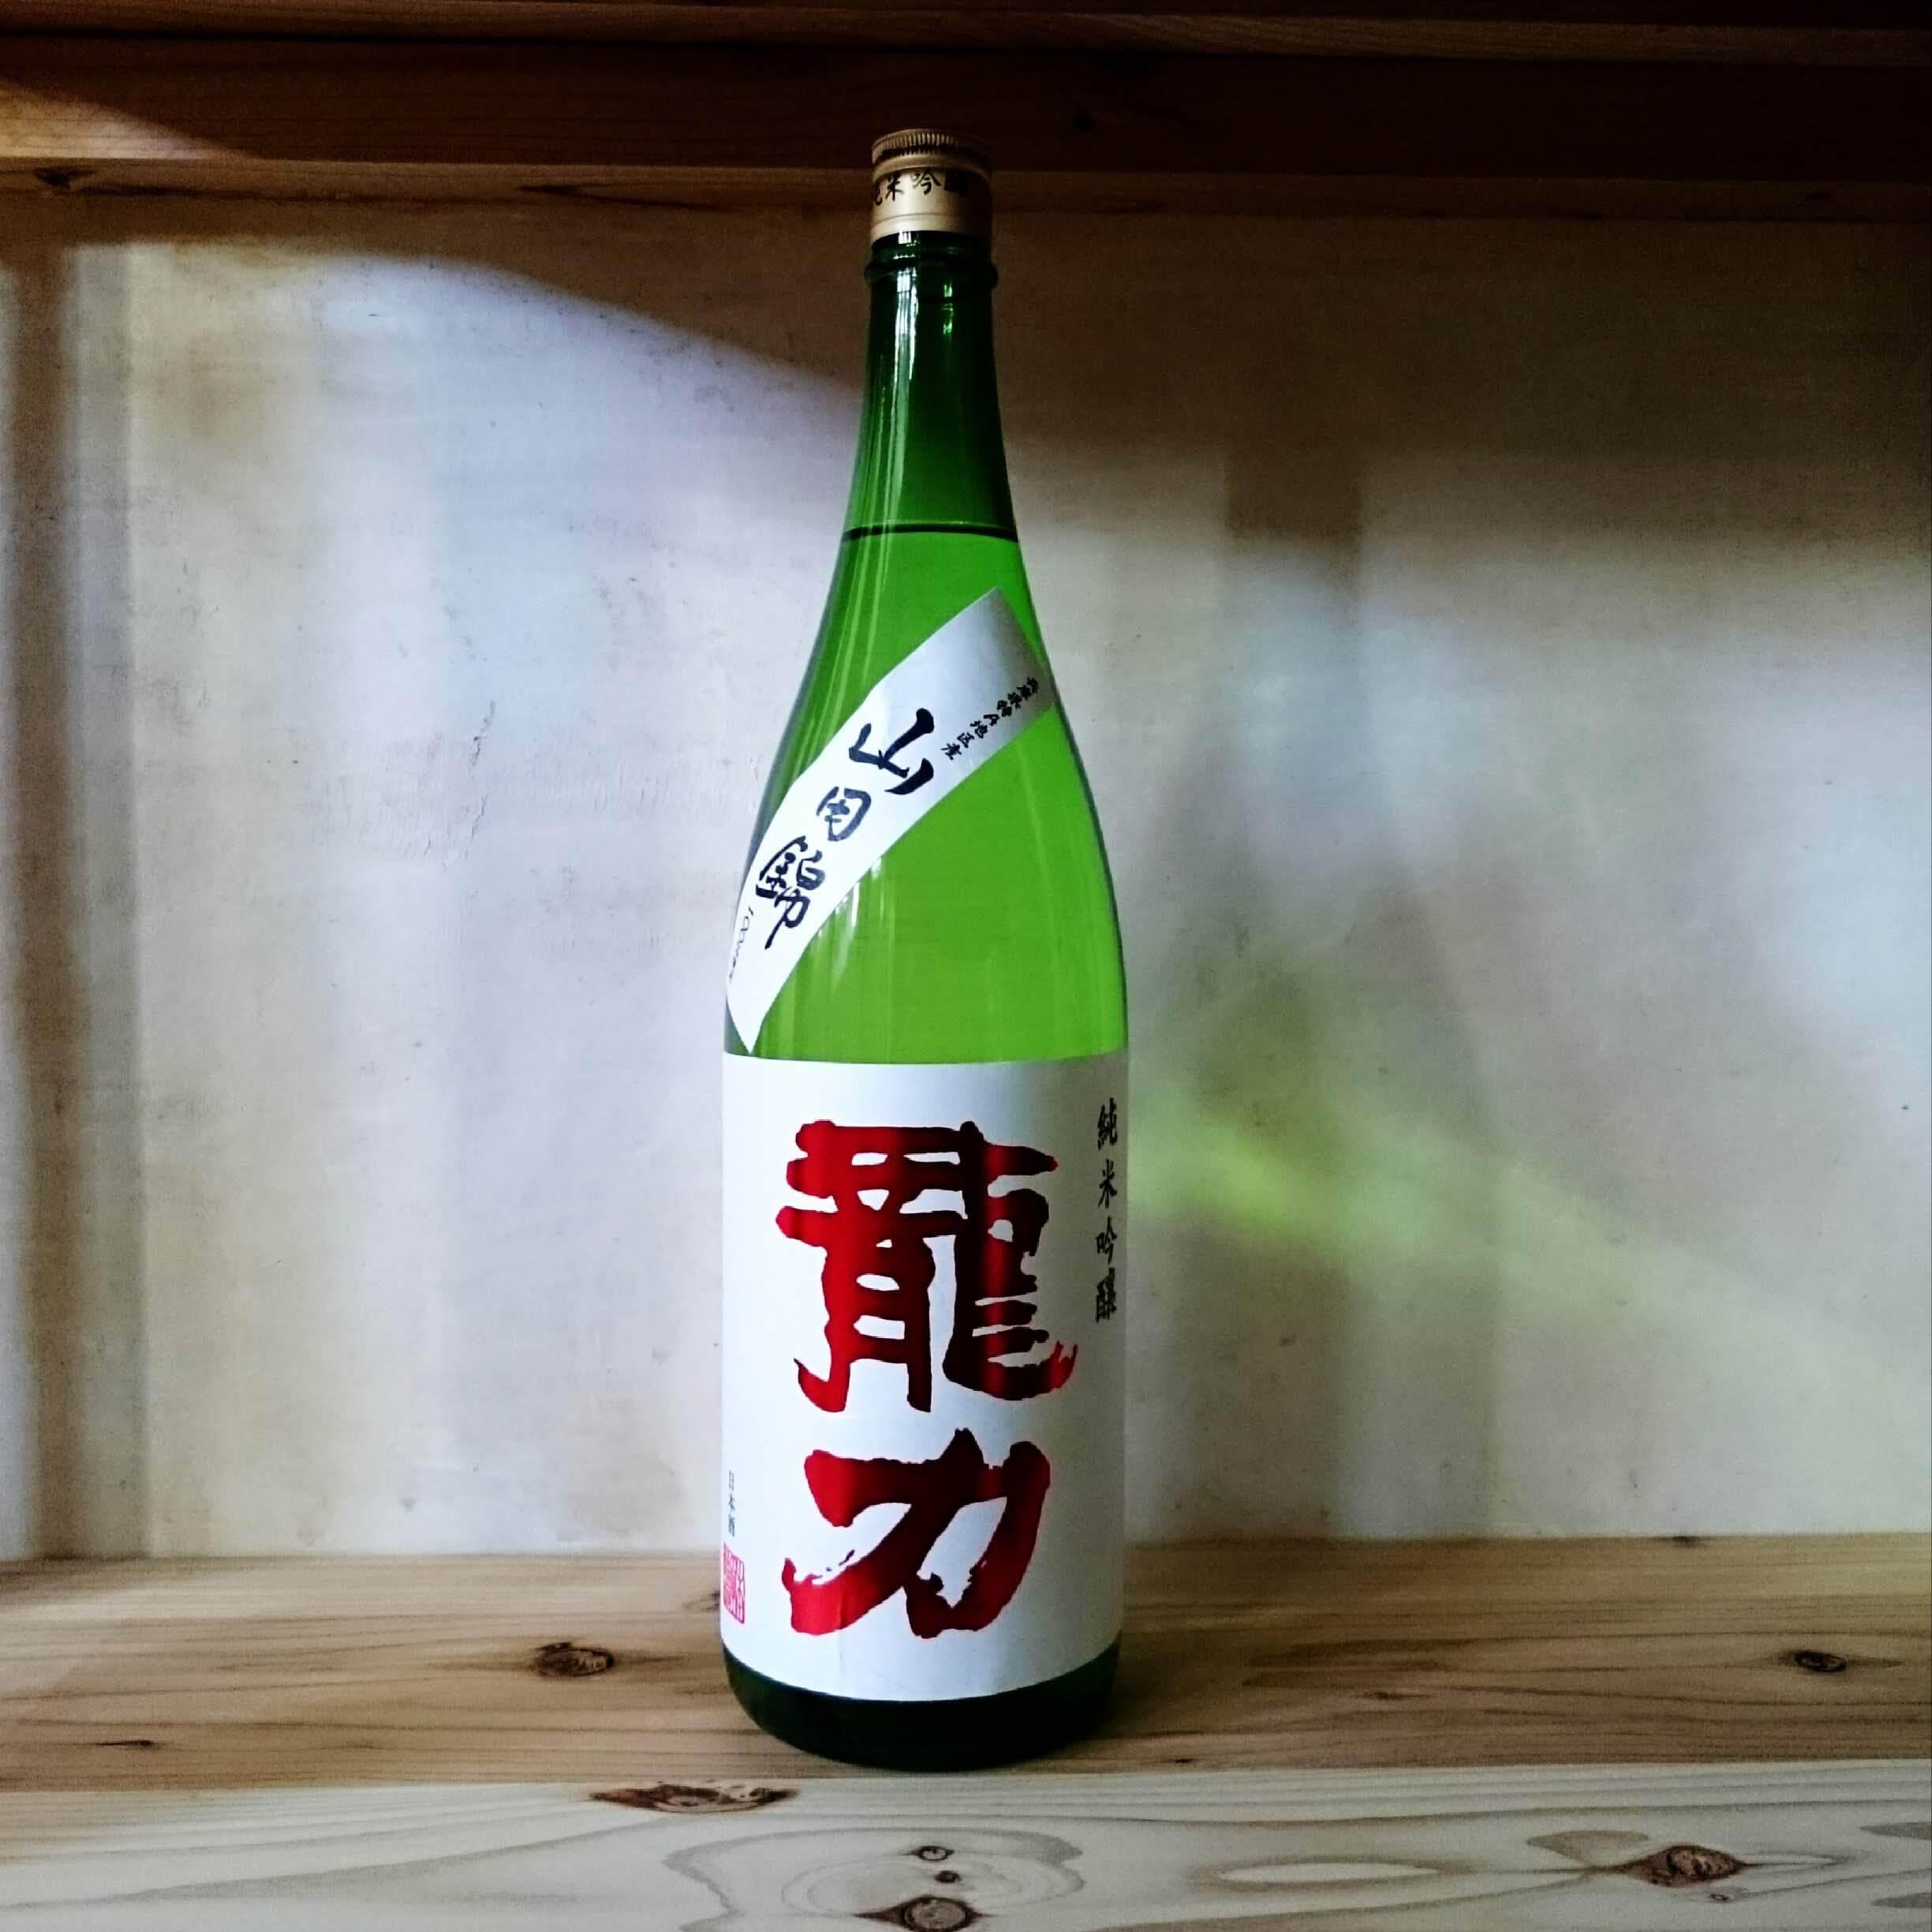 龍力 純米吟醸 山田錦 1.8L